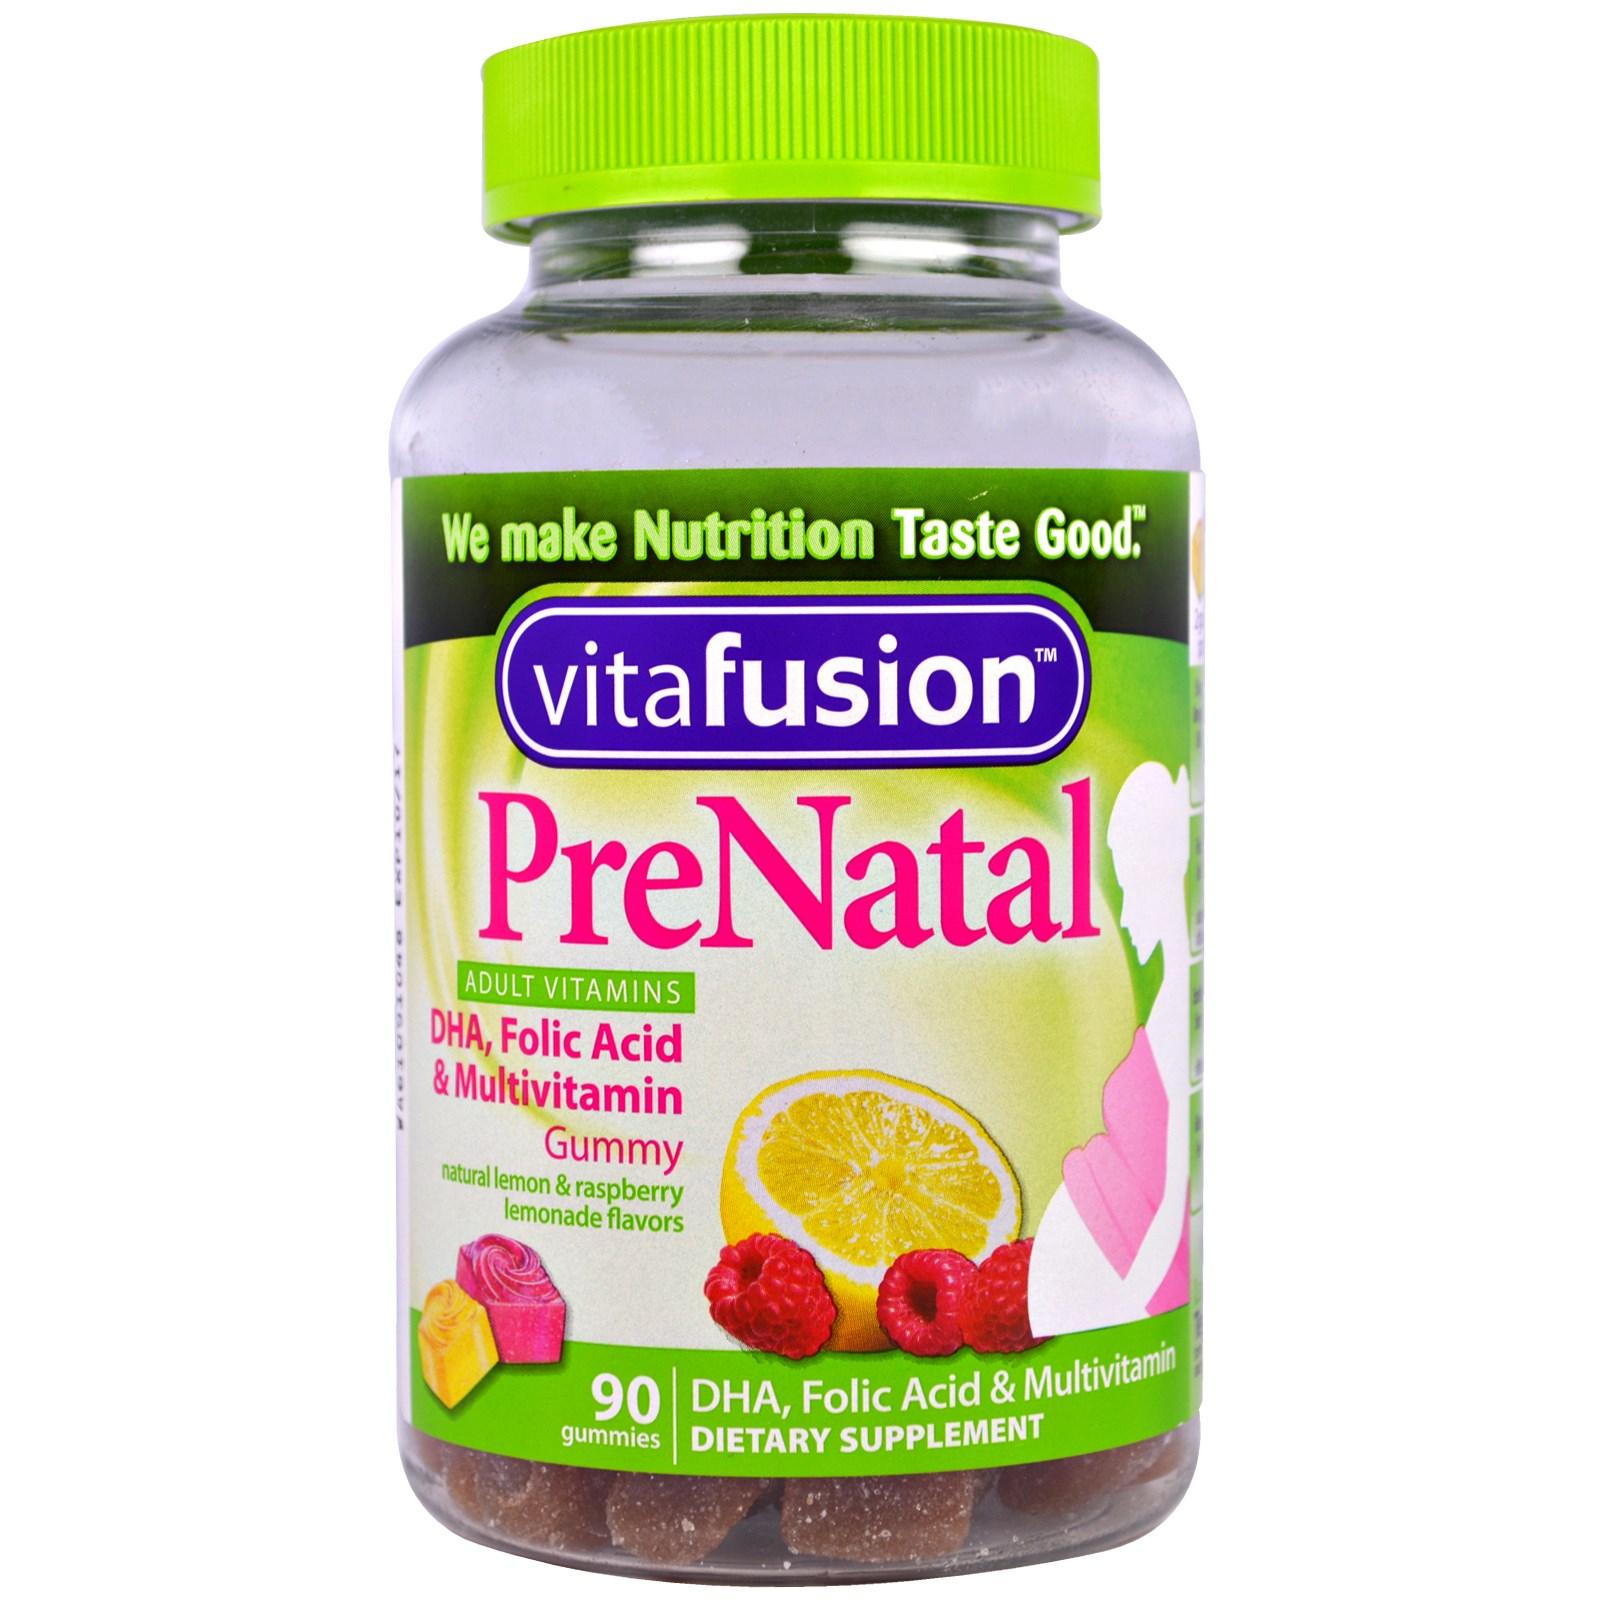 Vitafusion Prenatal Vitamin Gummies